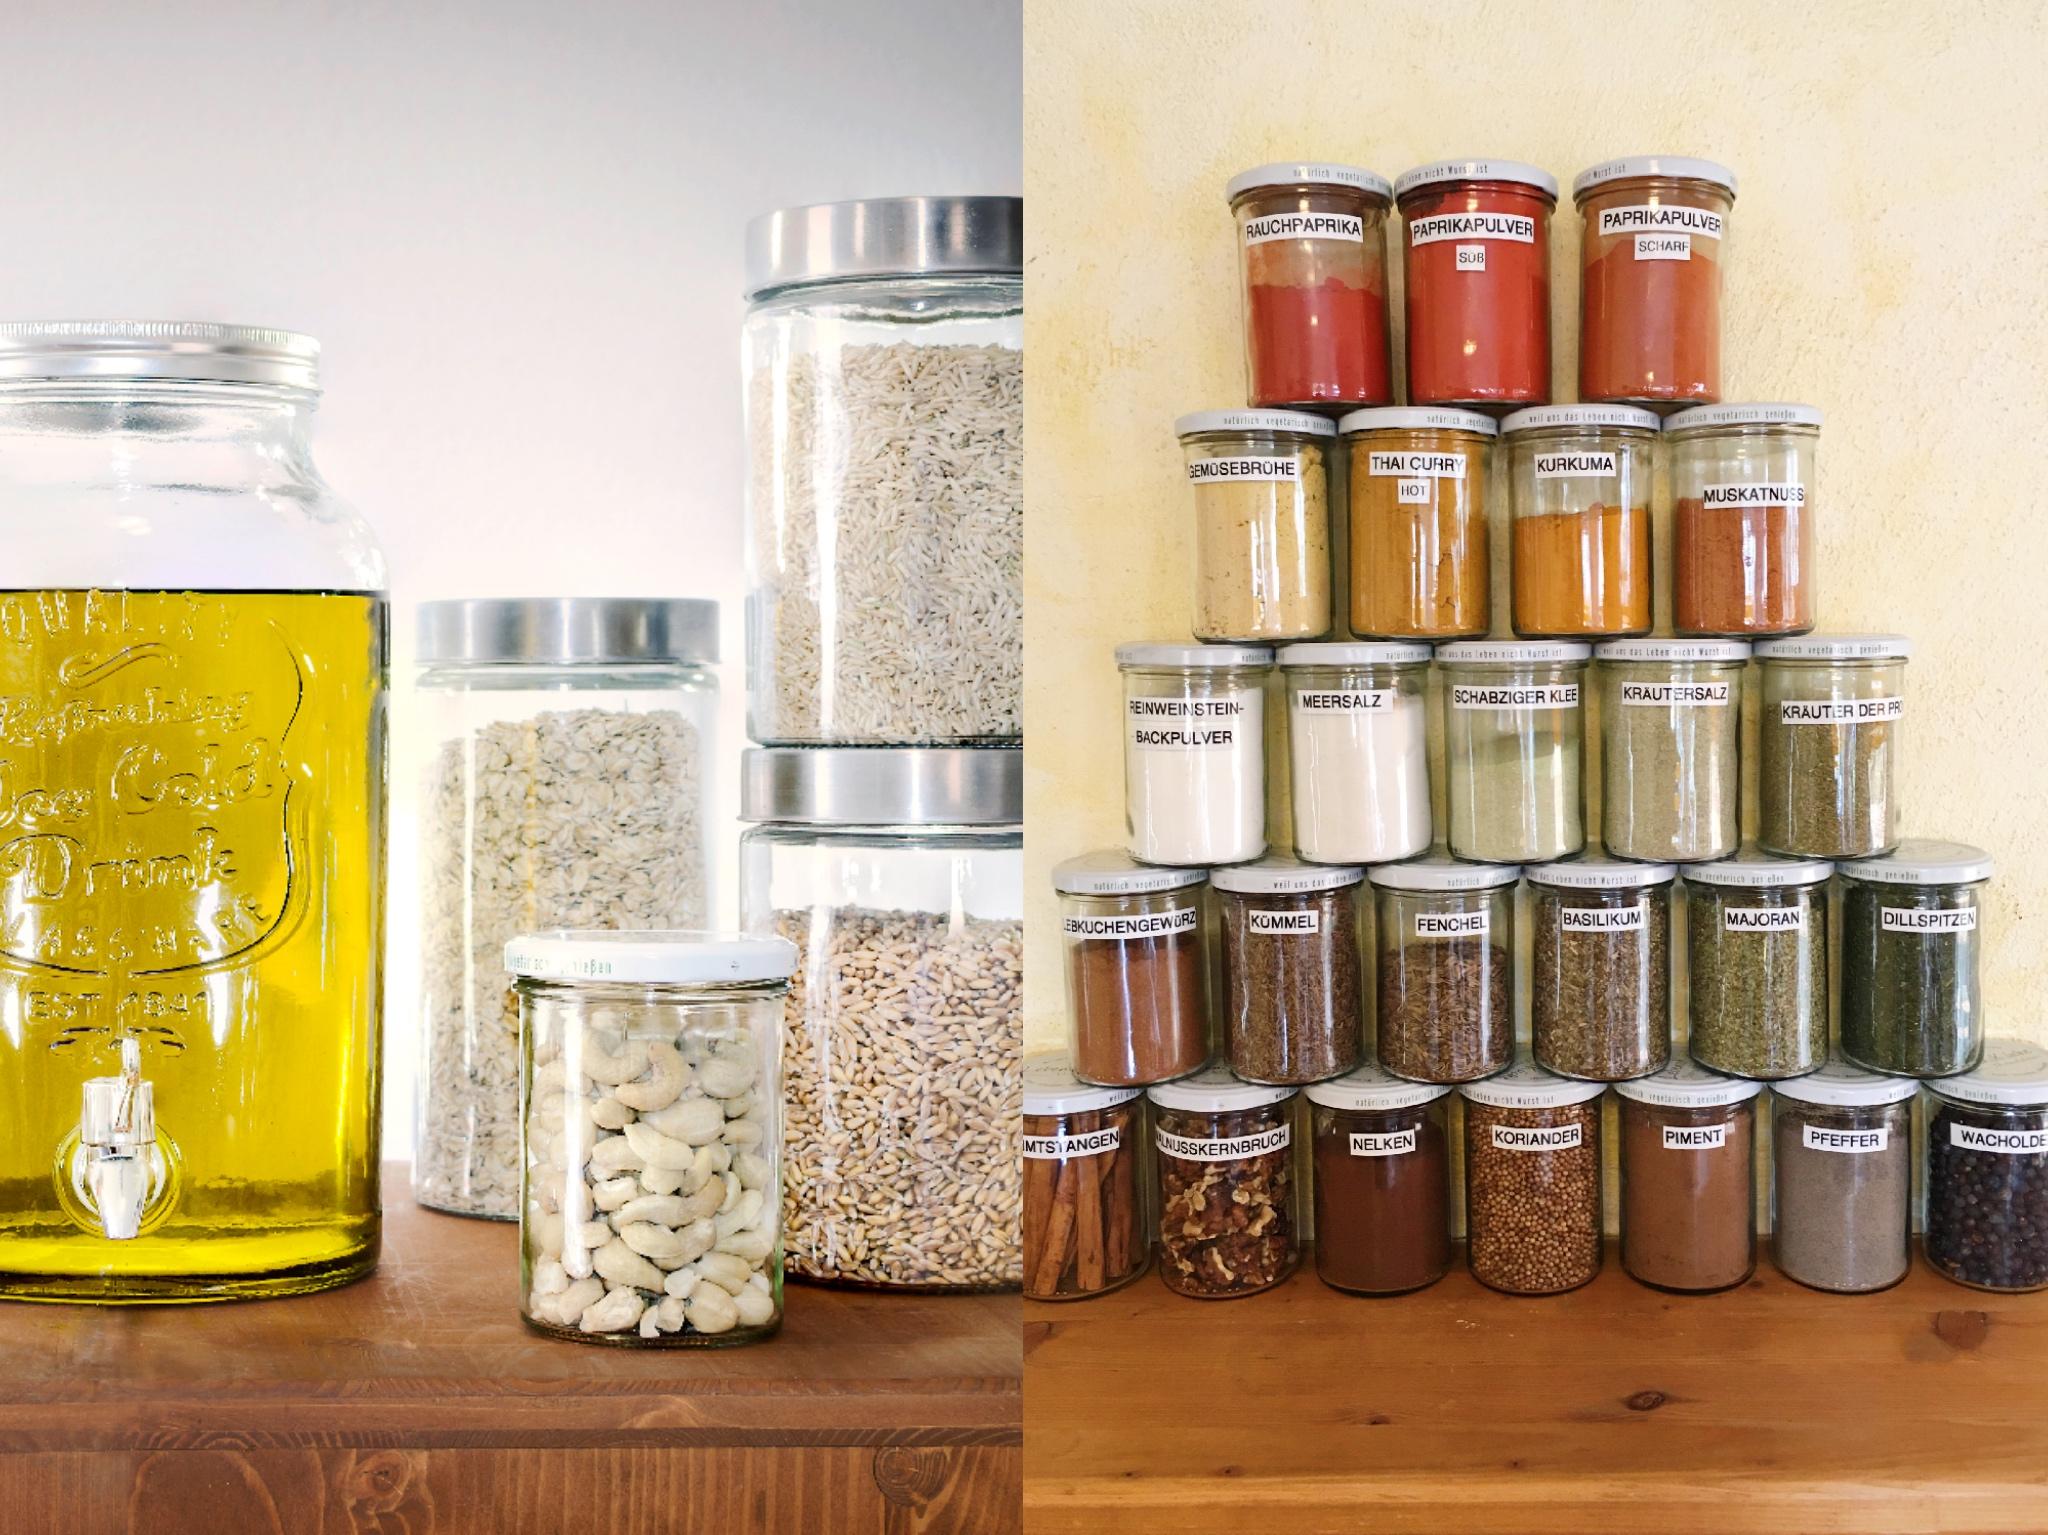 Nicht nur Öl, Reis und Co. können selbst abgefüllt werden - auch Gewürze bietet die Lebensküche ohne Verpackung an. Foto: Lebensküche e.V.